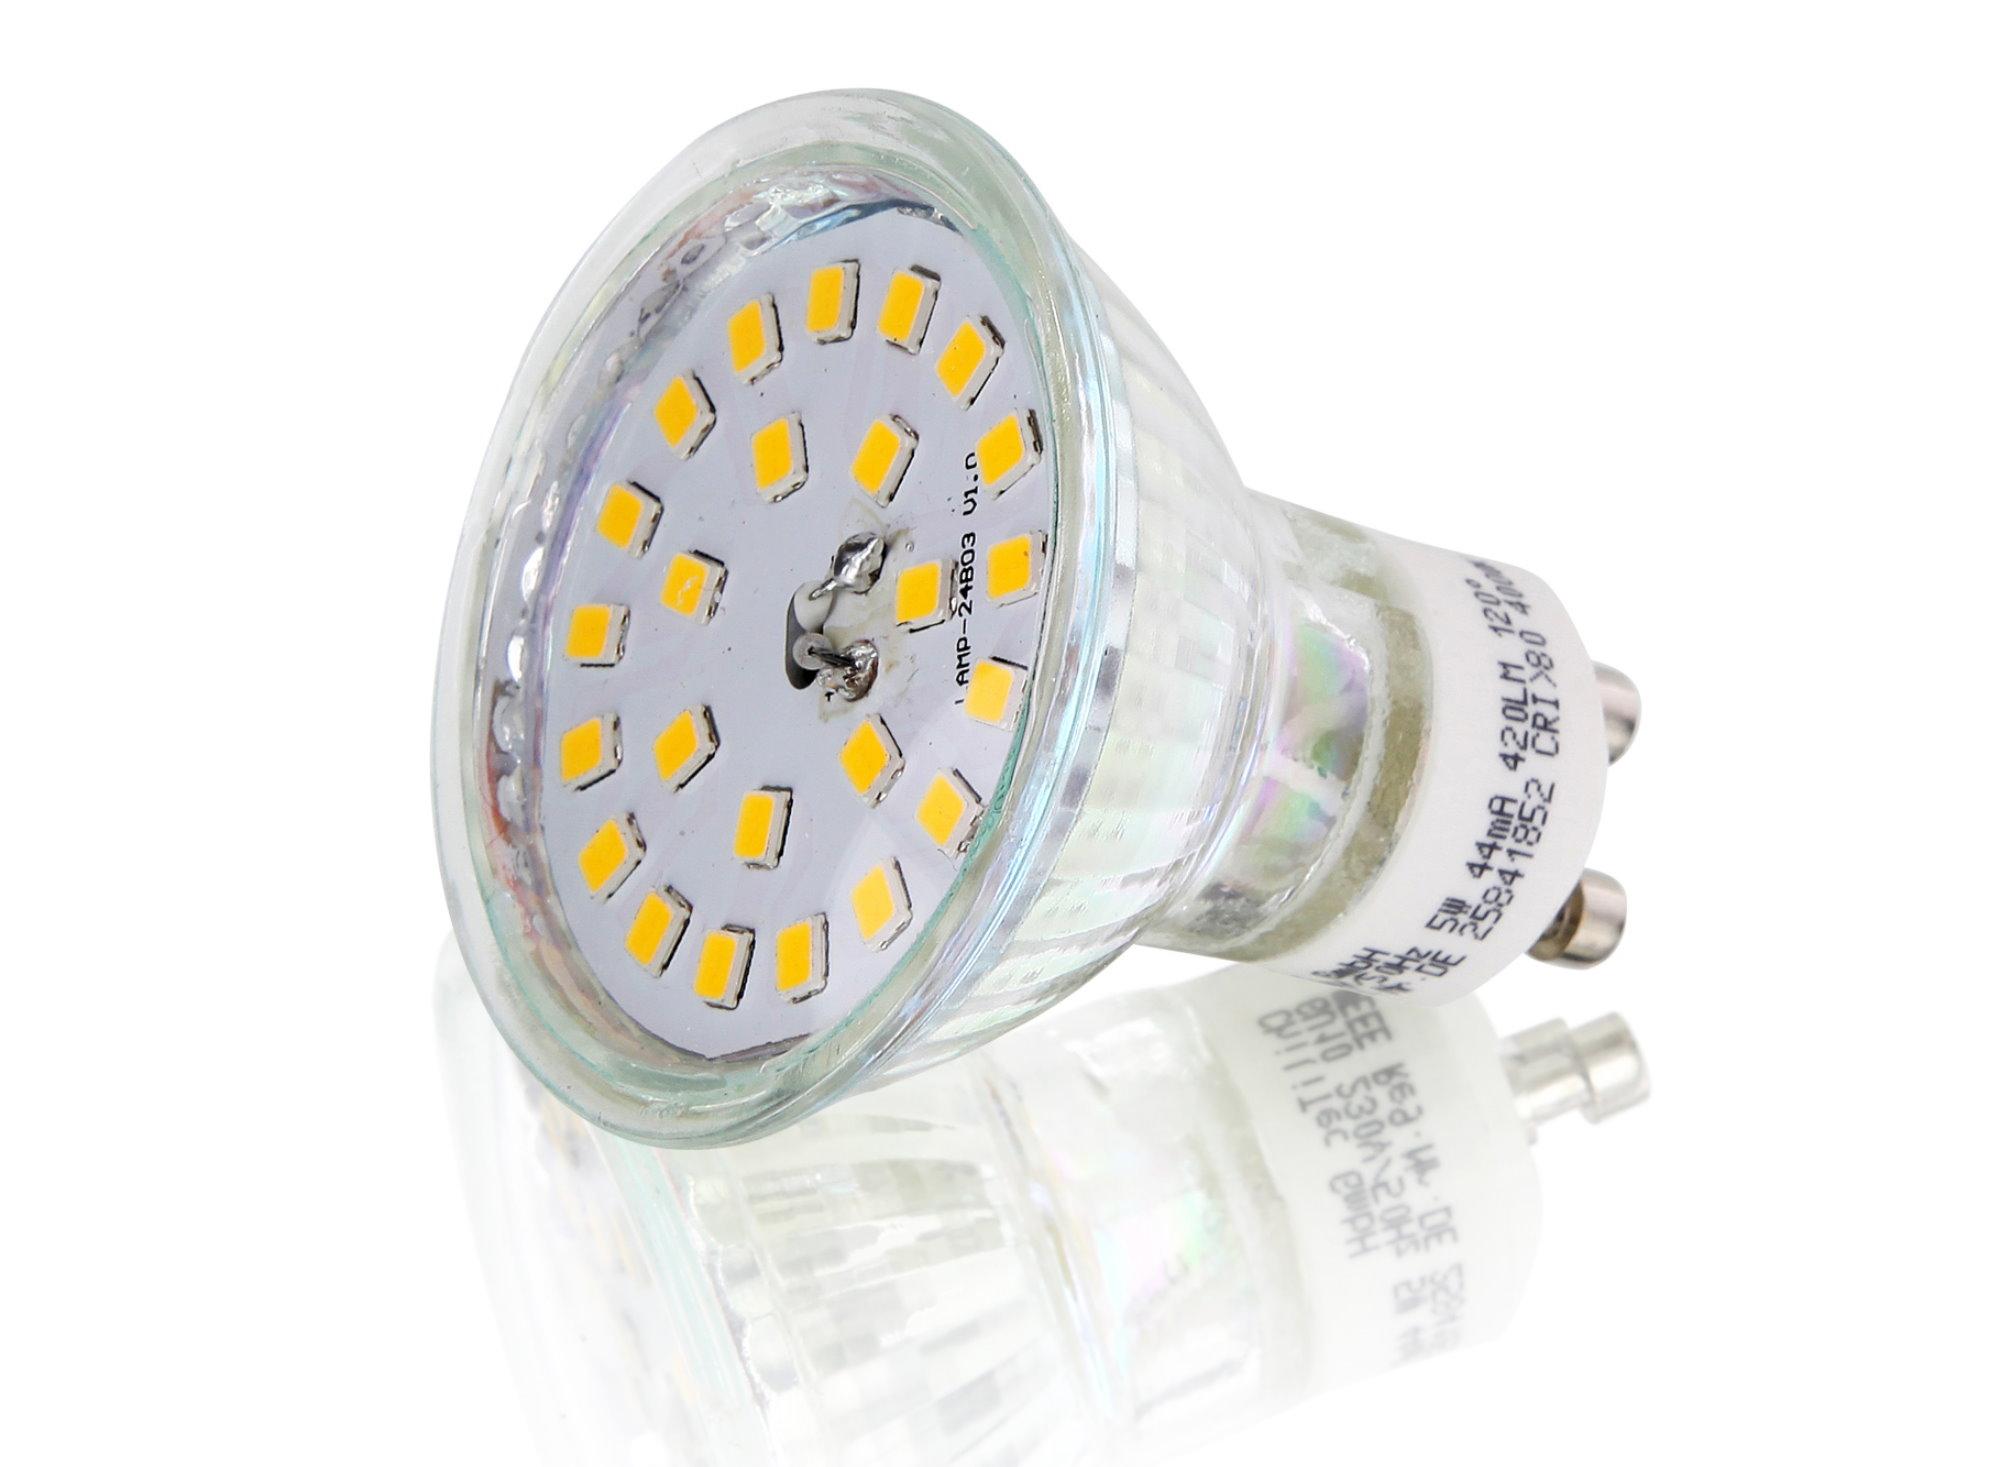 chilitec-GU10-5W Erstaunlich Led Leuchtmittel Gu 10 Dekorationen